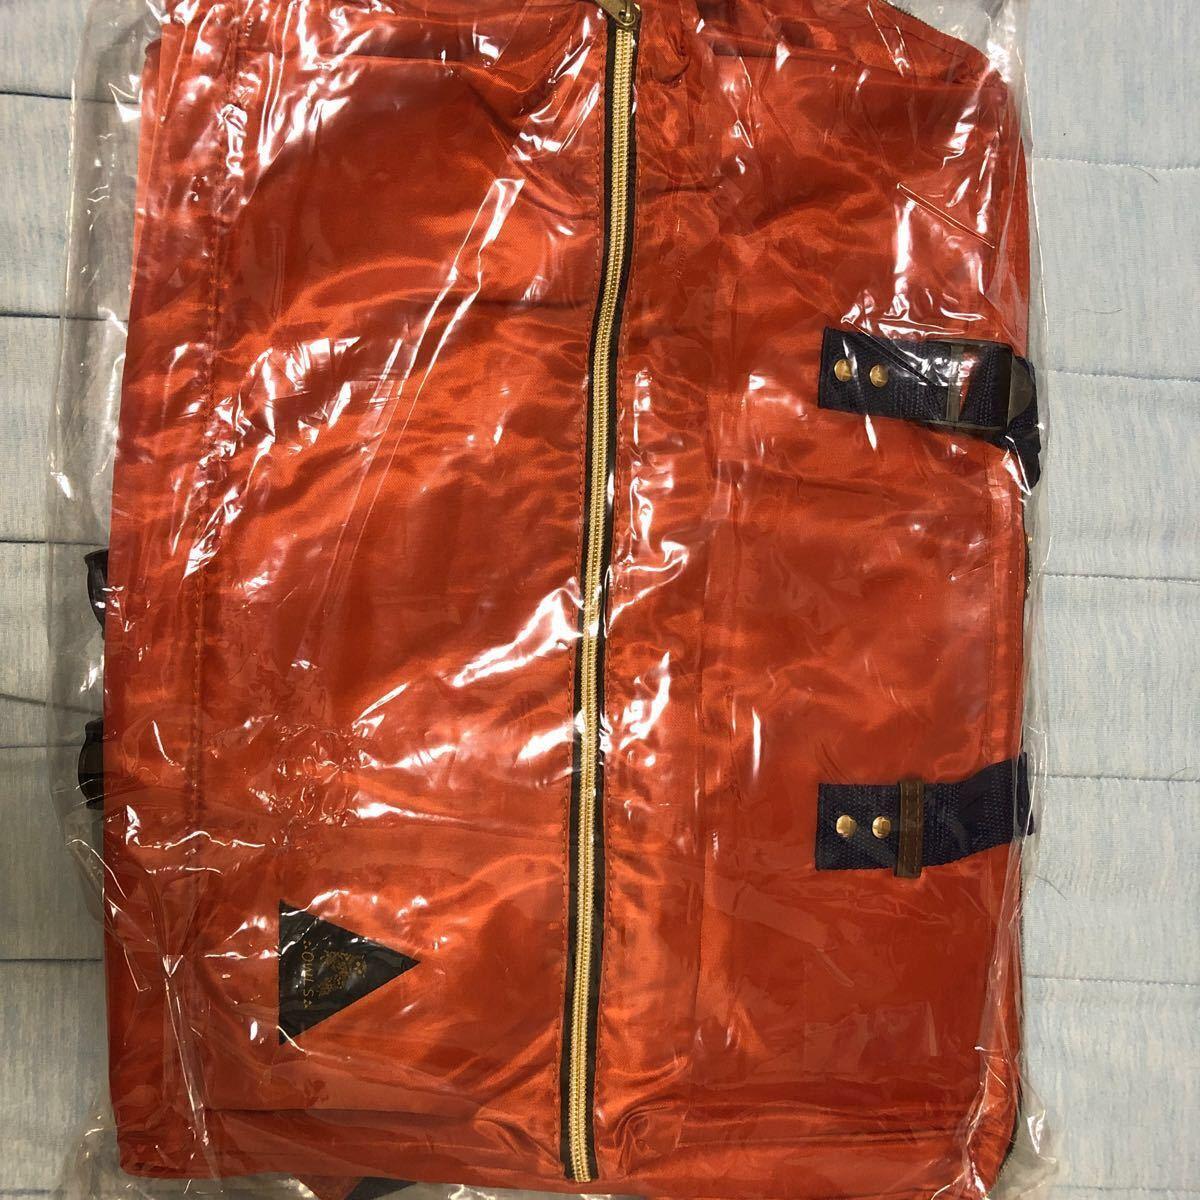 オウルズ(OWLS) お買い物リュック レジカゴにフィットサイズ 保冷・保温対応 リュック&ショルダータイプ